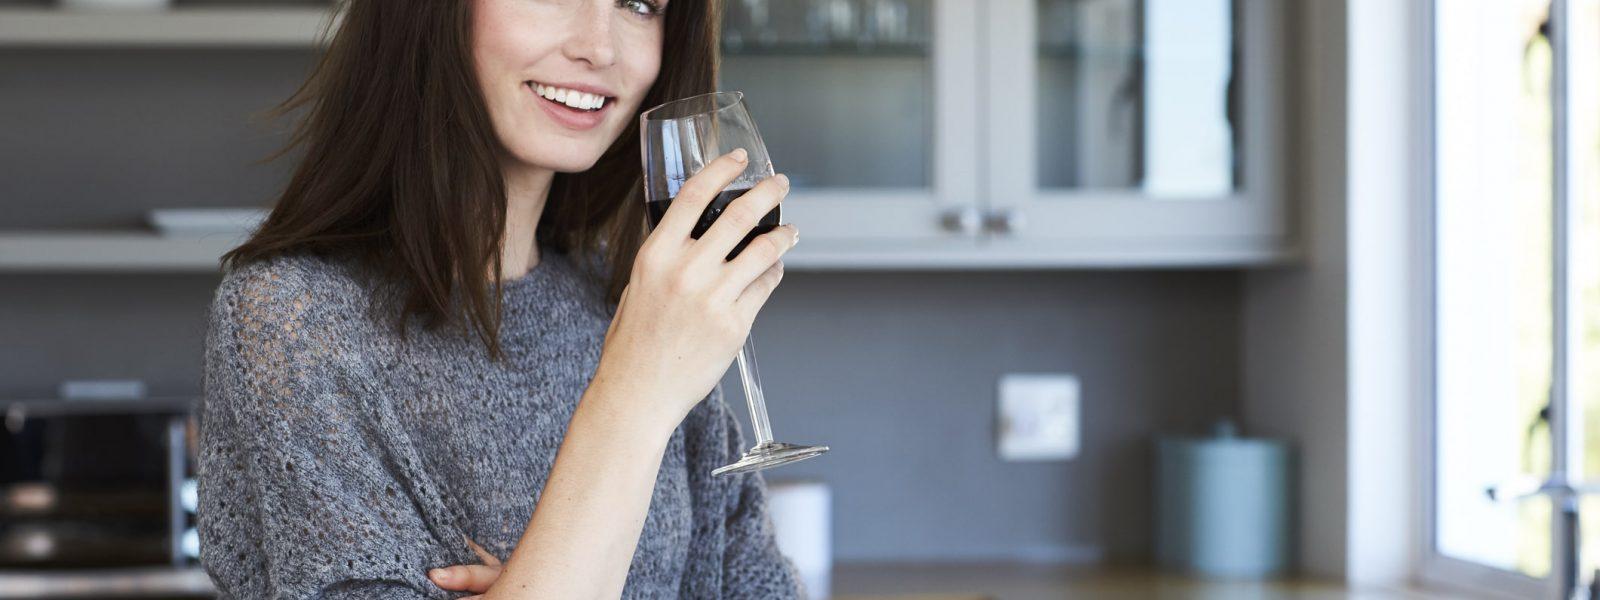 Co to znaczy pić alkohol z umiarem?